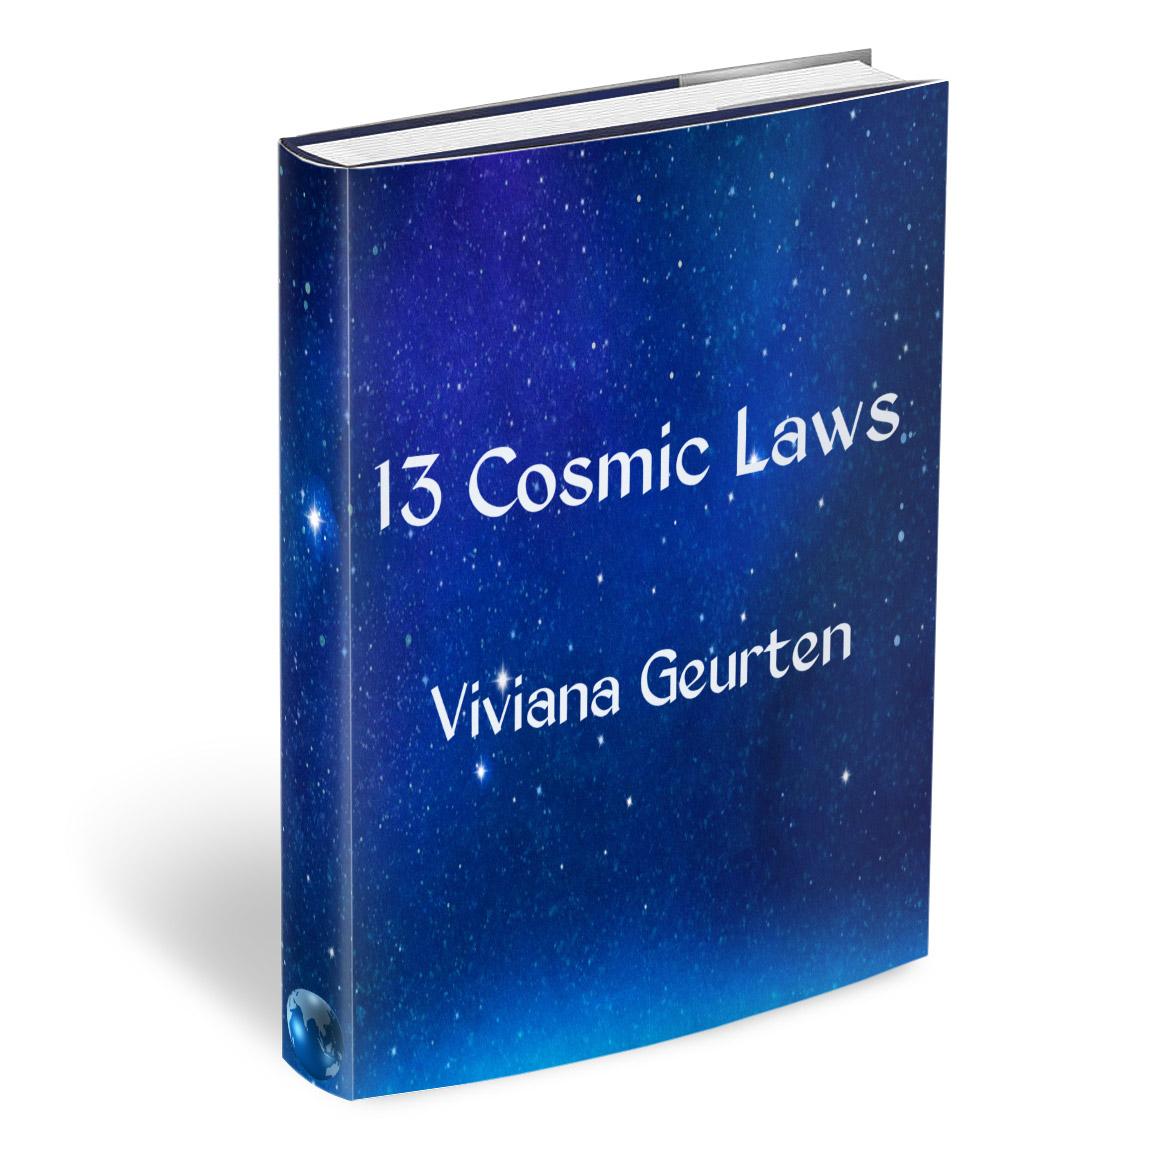 13 Cosmic Laws Viviana Geurten